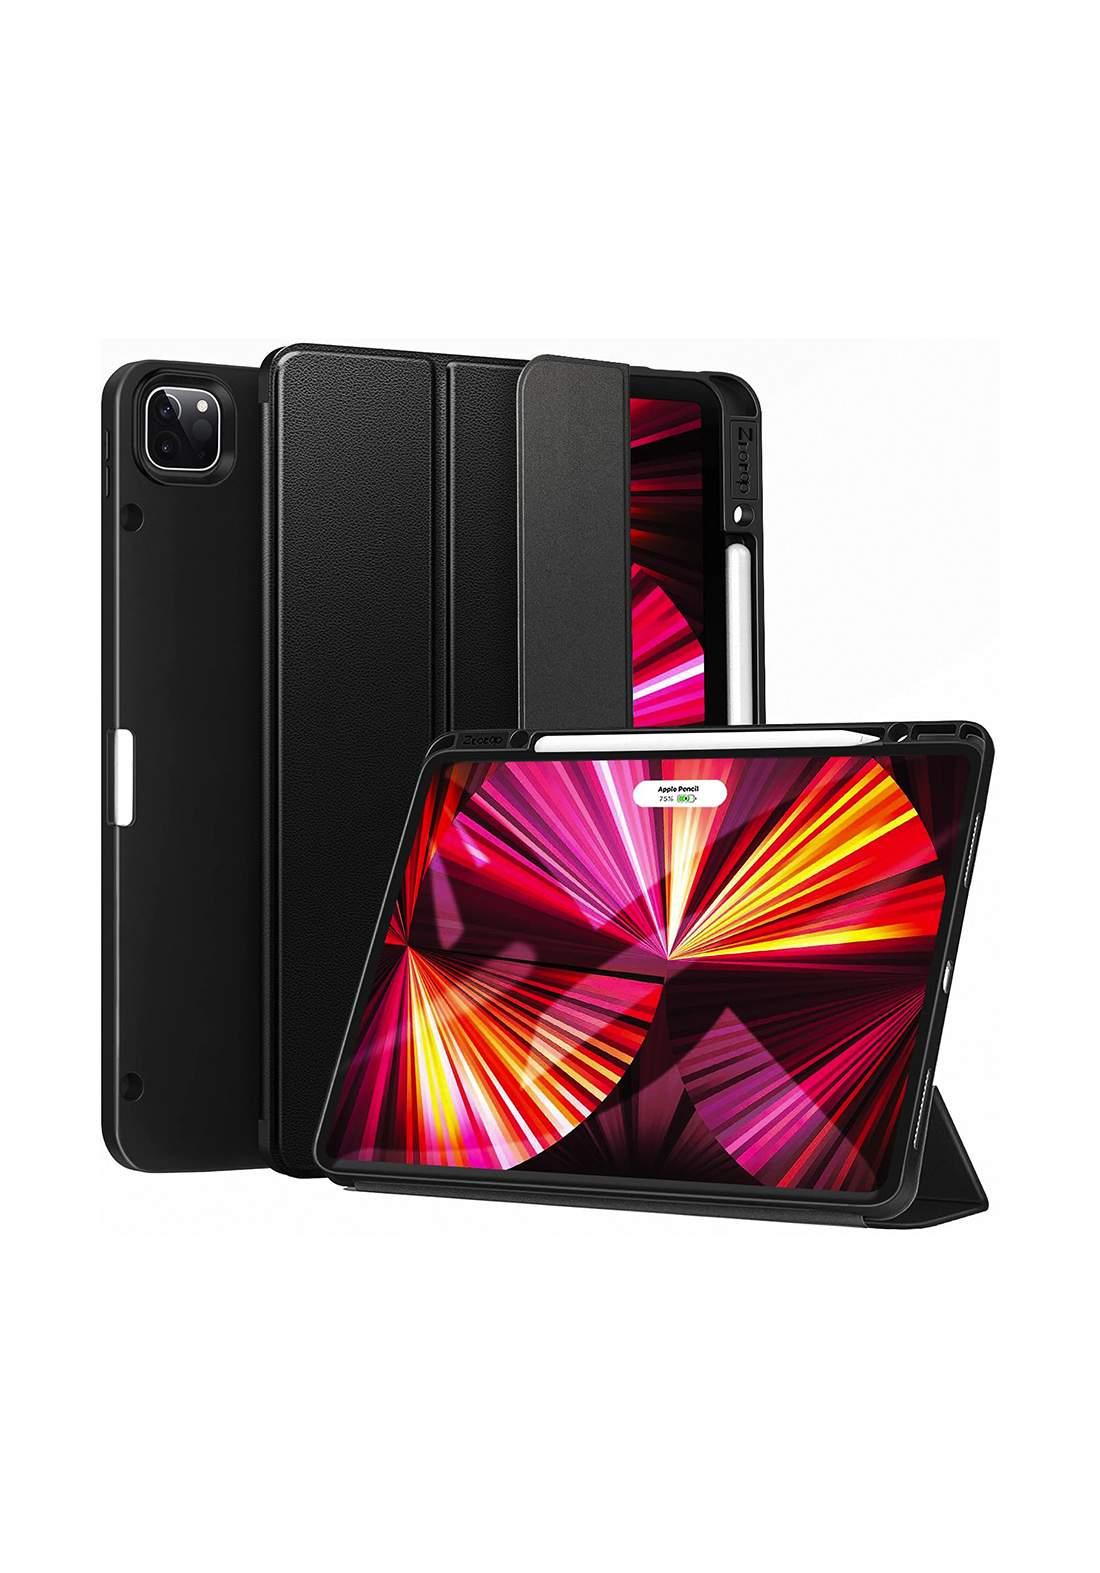 Mutural Cover Ipad Pro 12.9 Inch 2022 - Black  حافظة ايباد